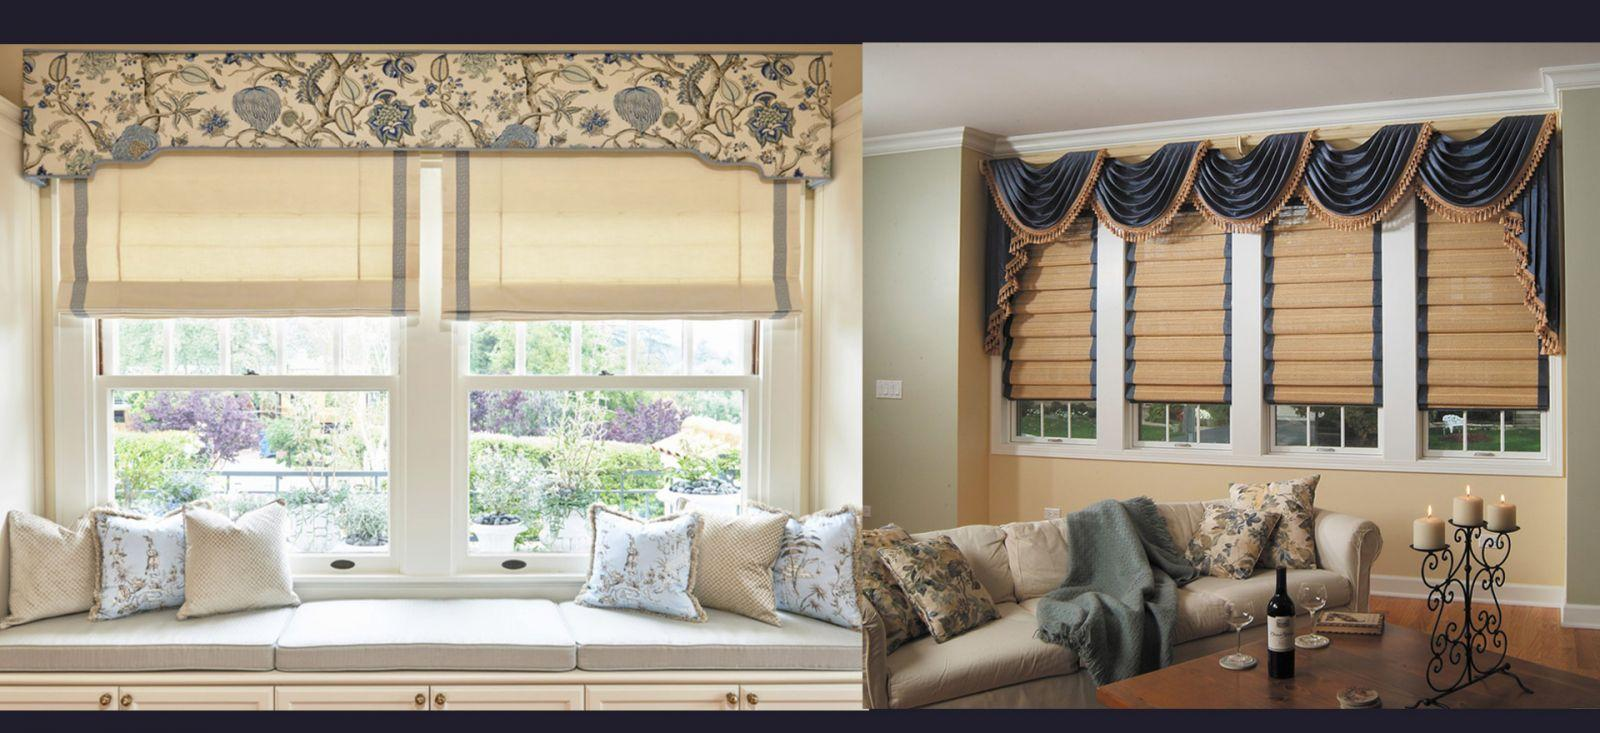 Сочетание римских штор и ламбрекенов в дизайне помещения